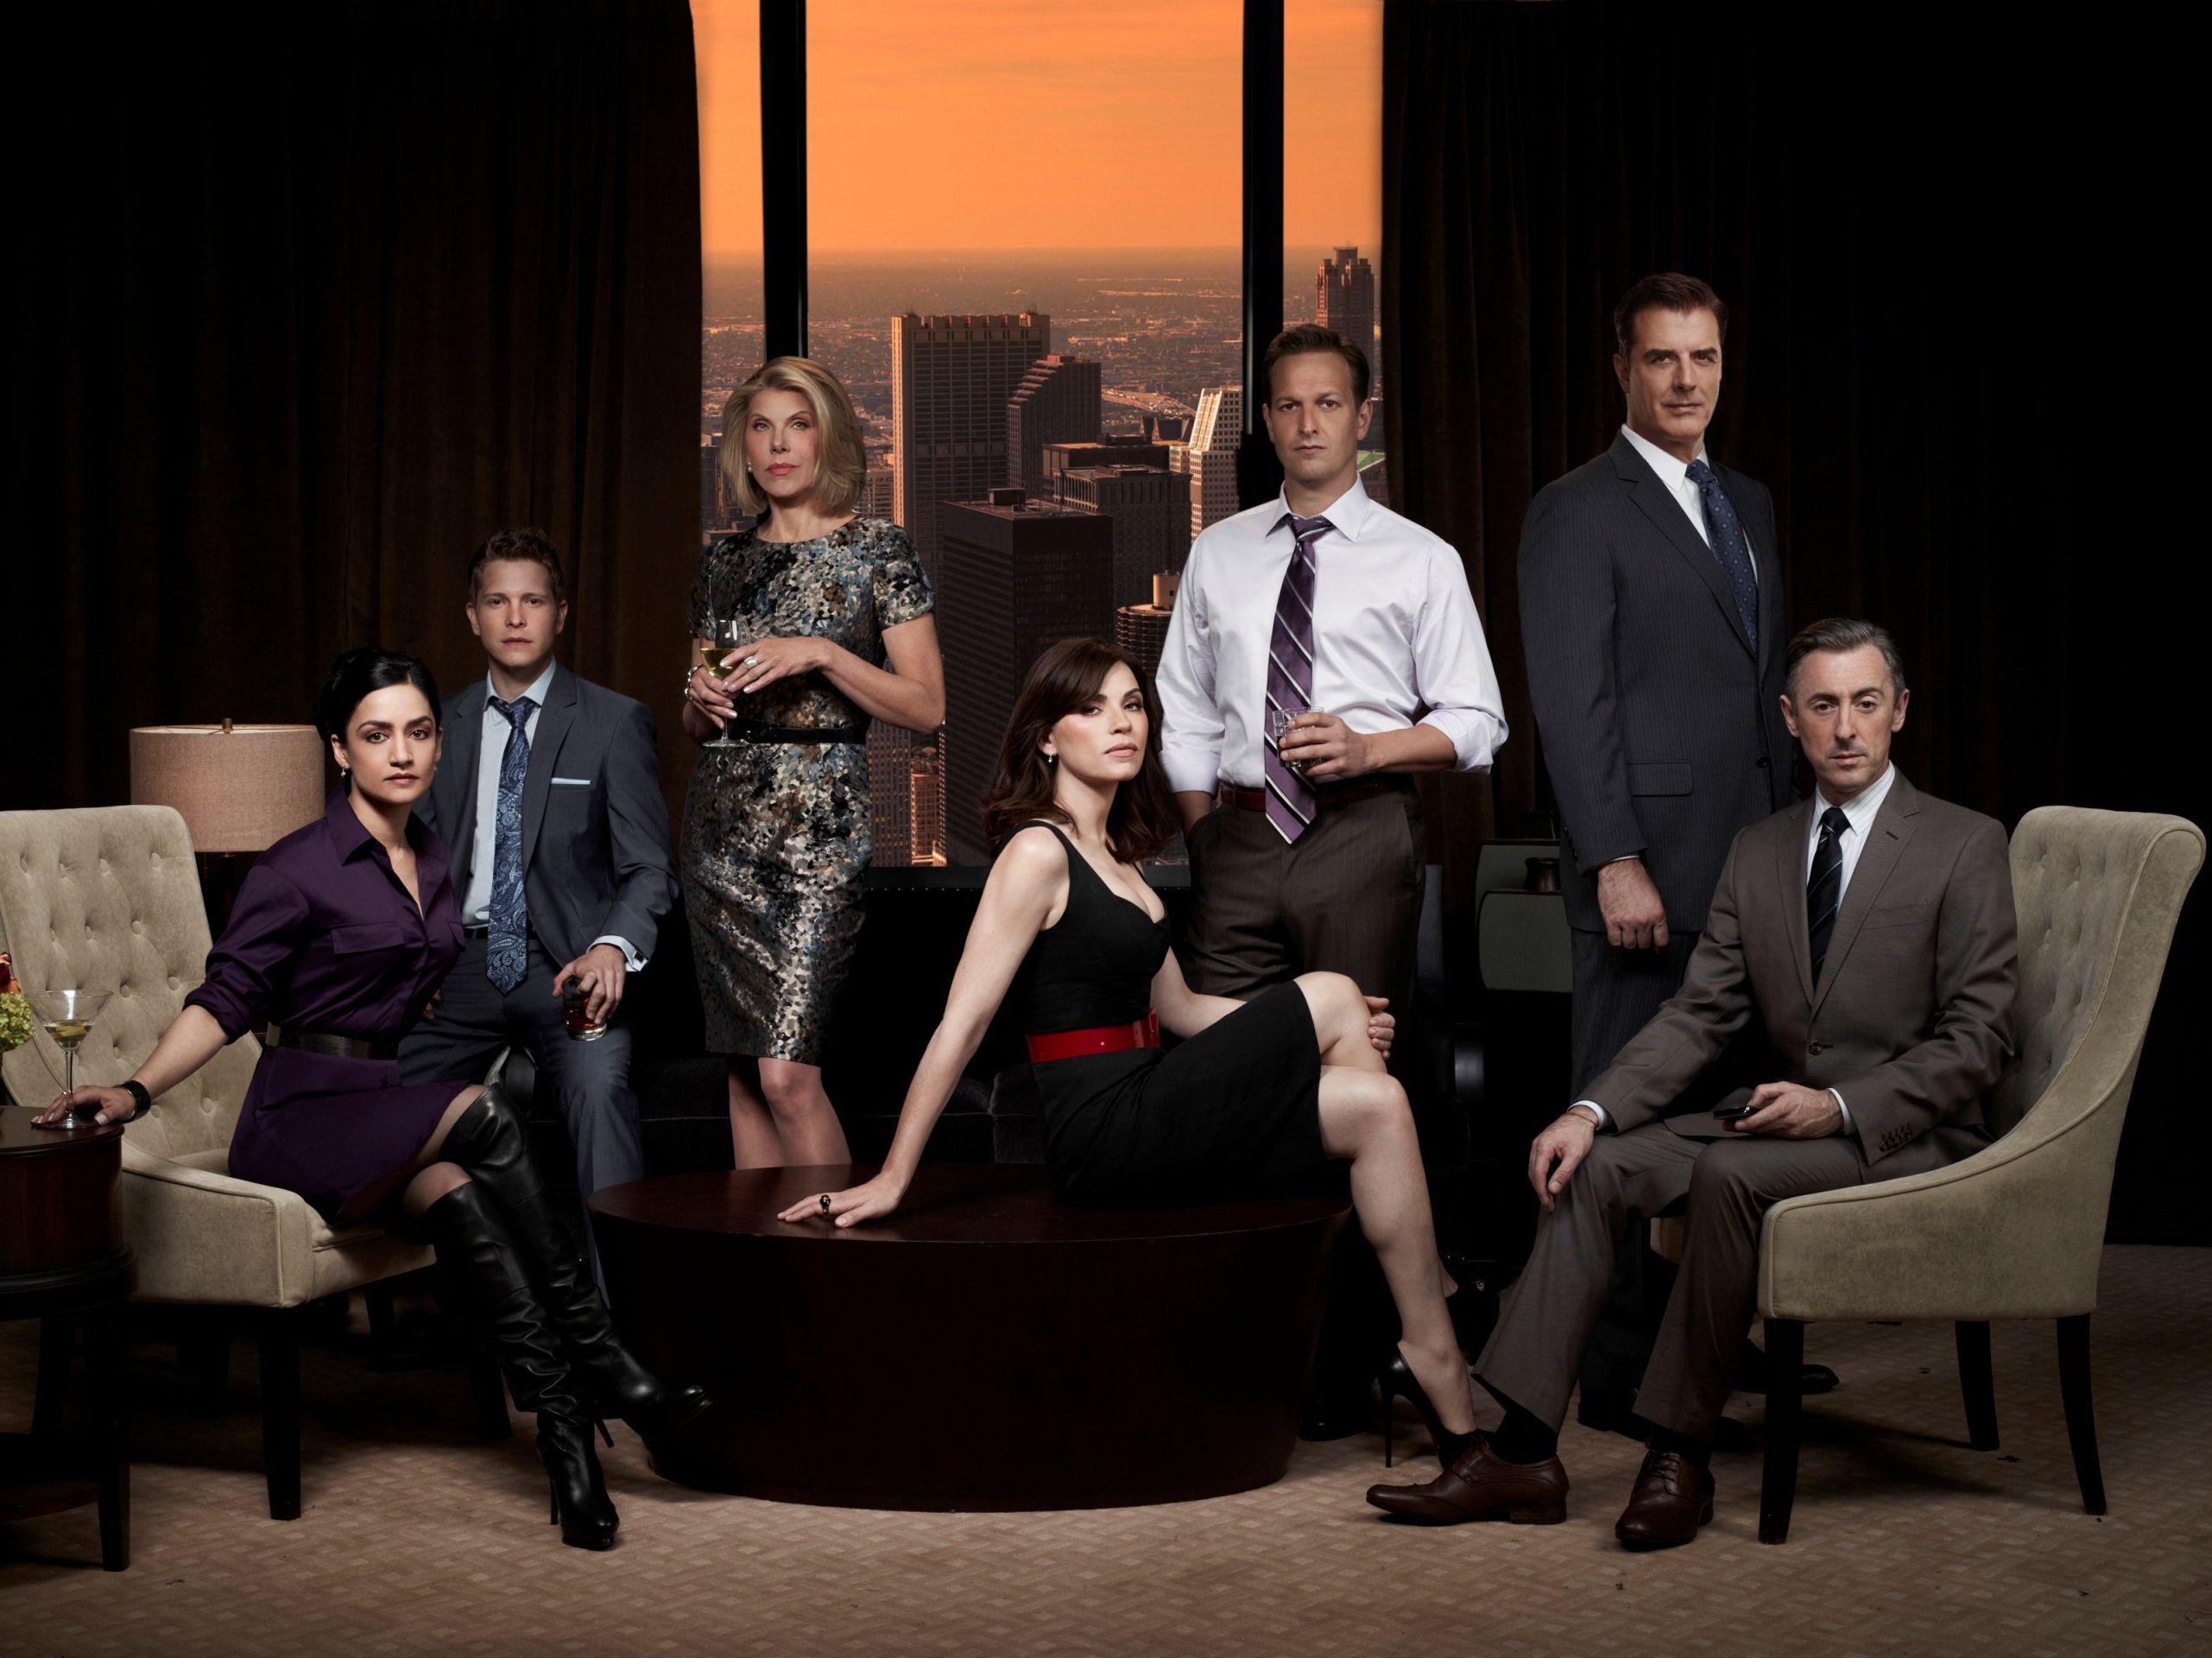 The Good Wife Boa esposa, Série de televisão, Temporadas